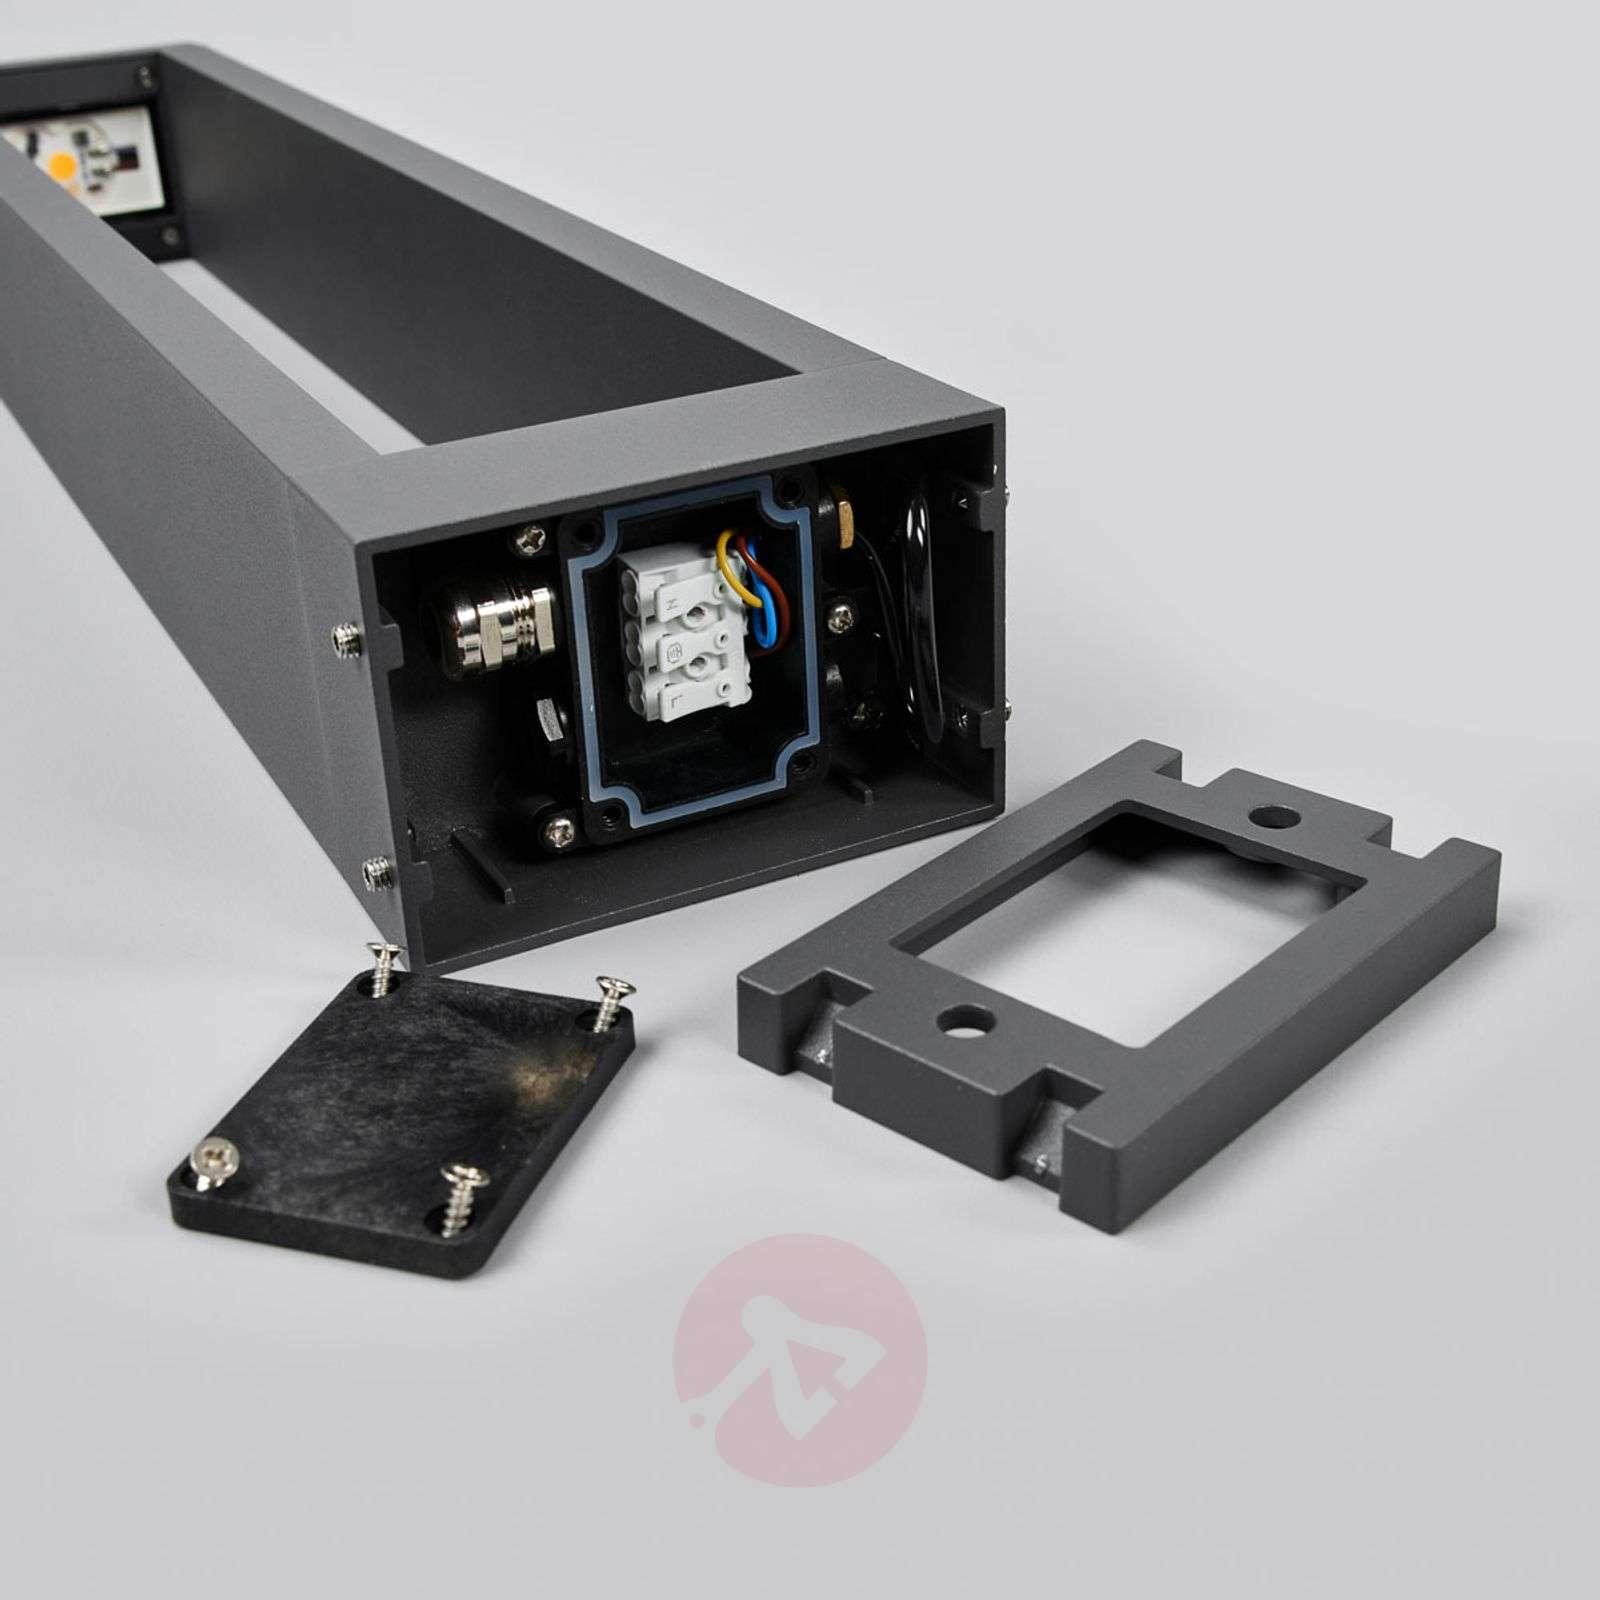 Grafiitinharmaa LED-pylväsvalo Jupp, 60 cm-9616120-01